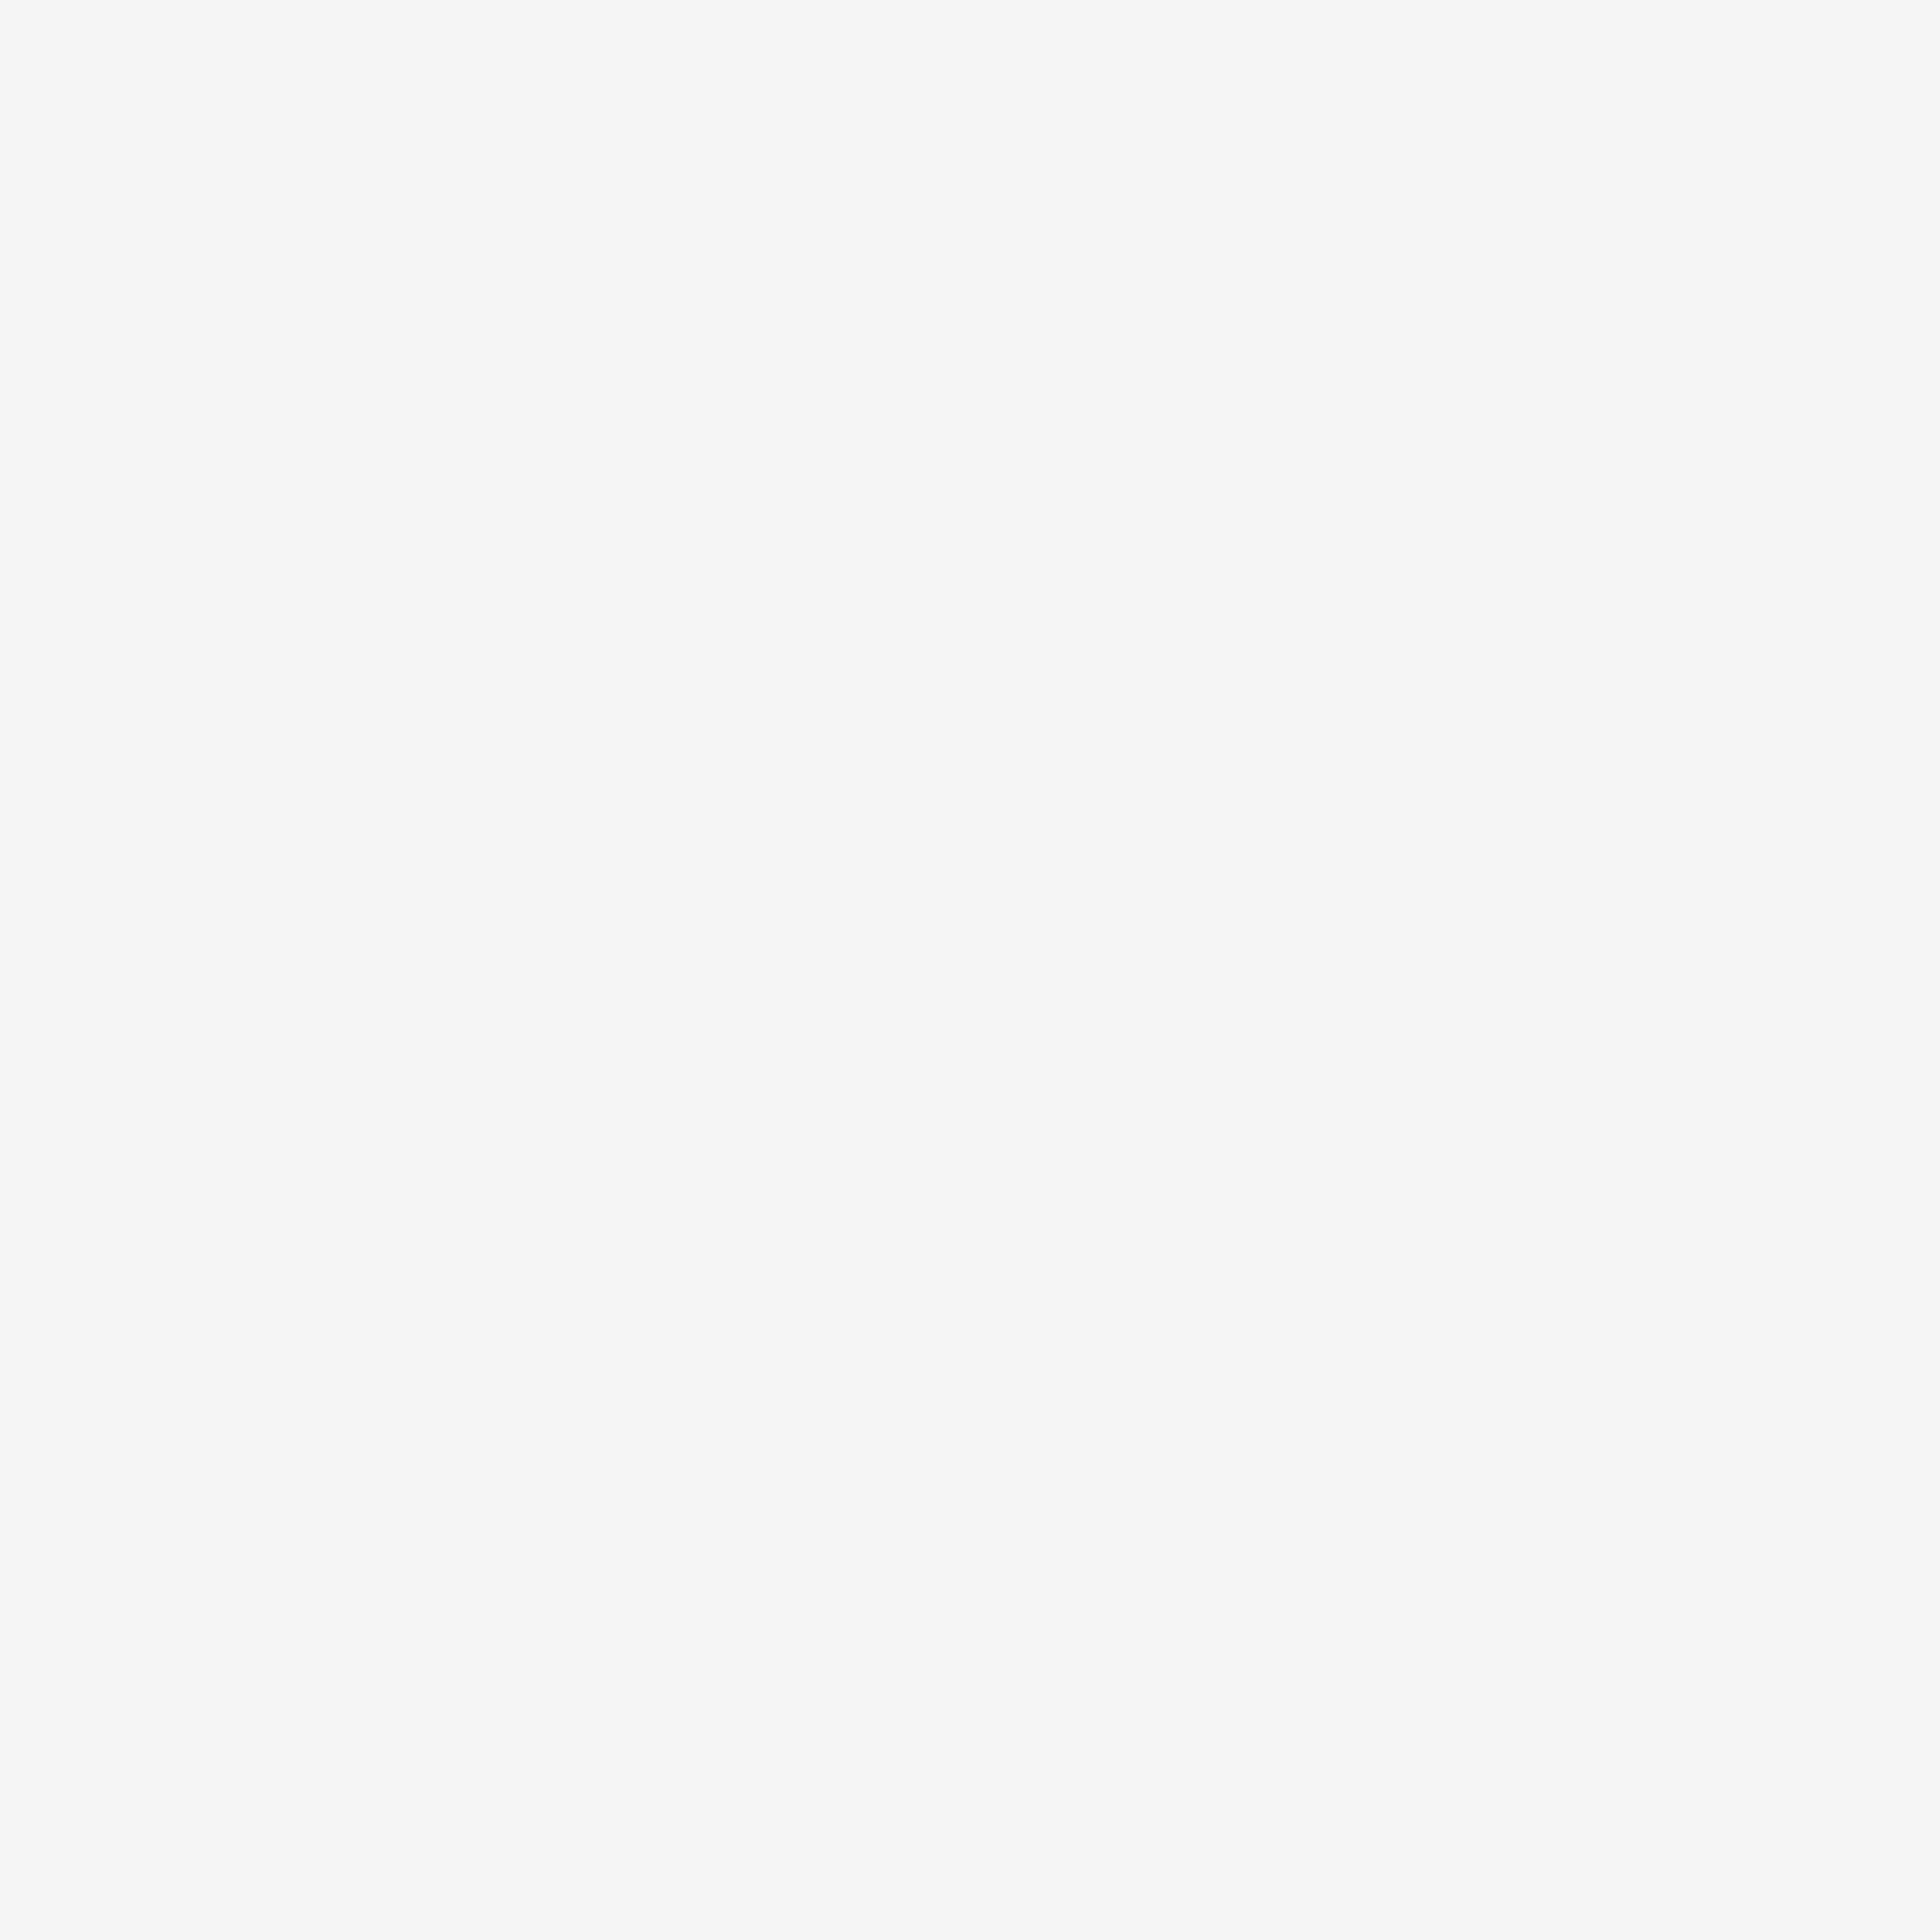 6d5b7f5ac04 Oakley O Frame 2.0 XL Skibril. OO7045 41. Product afbeelding · Product  afbeelding · Product afbeelding · Product afbeelding